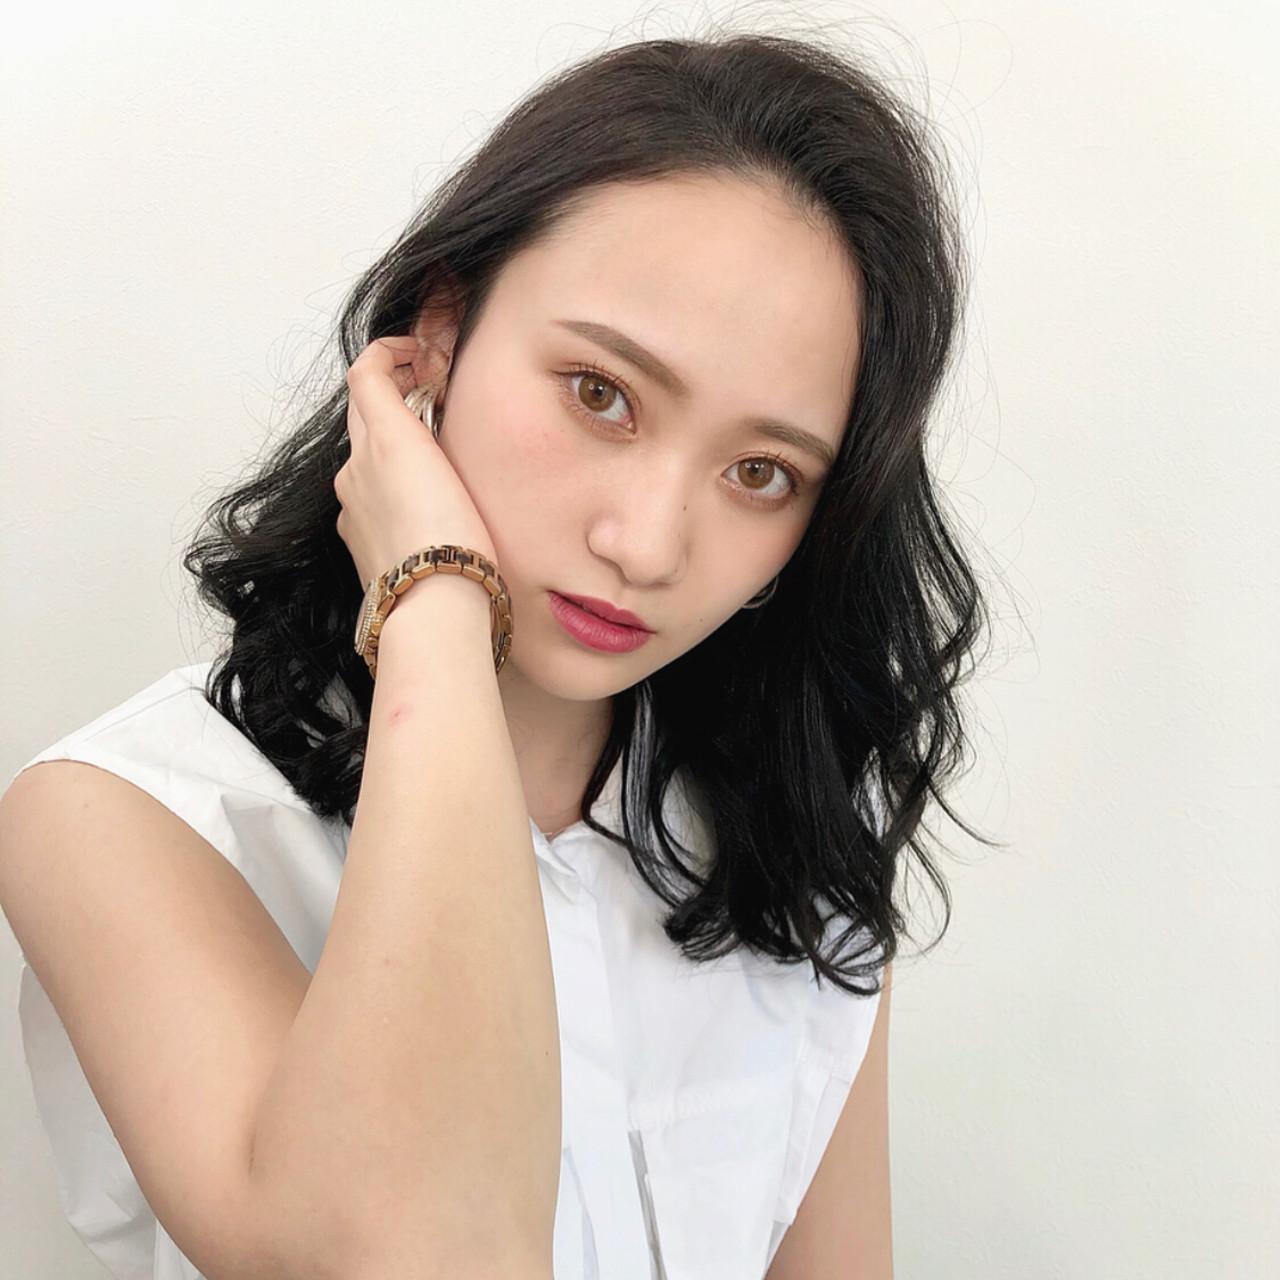 ミディアムレイヤー ミディアム レイヤースタイル エレガント ヘアスタイルや髪型の写真・画像